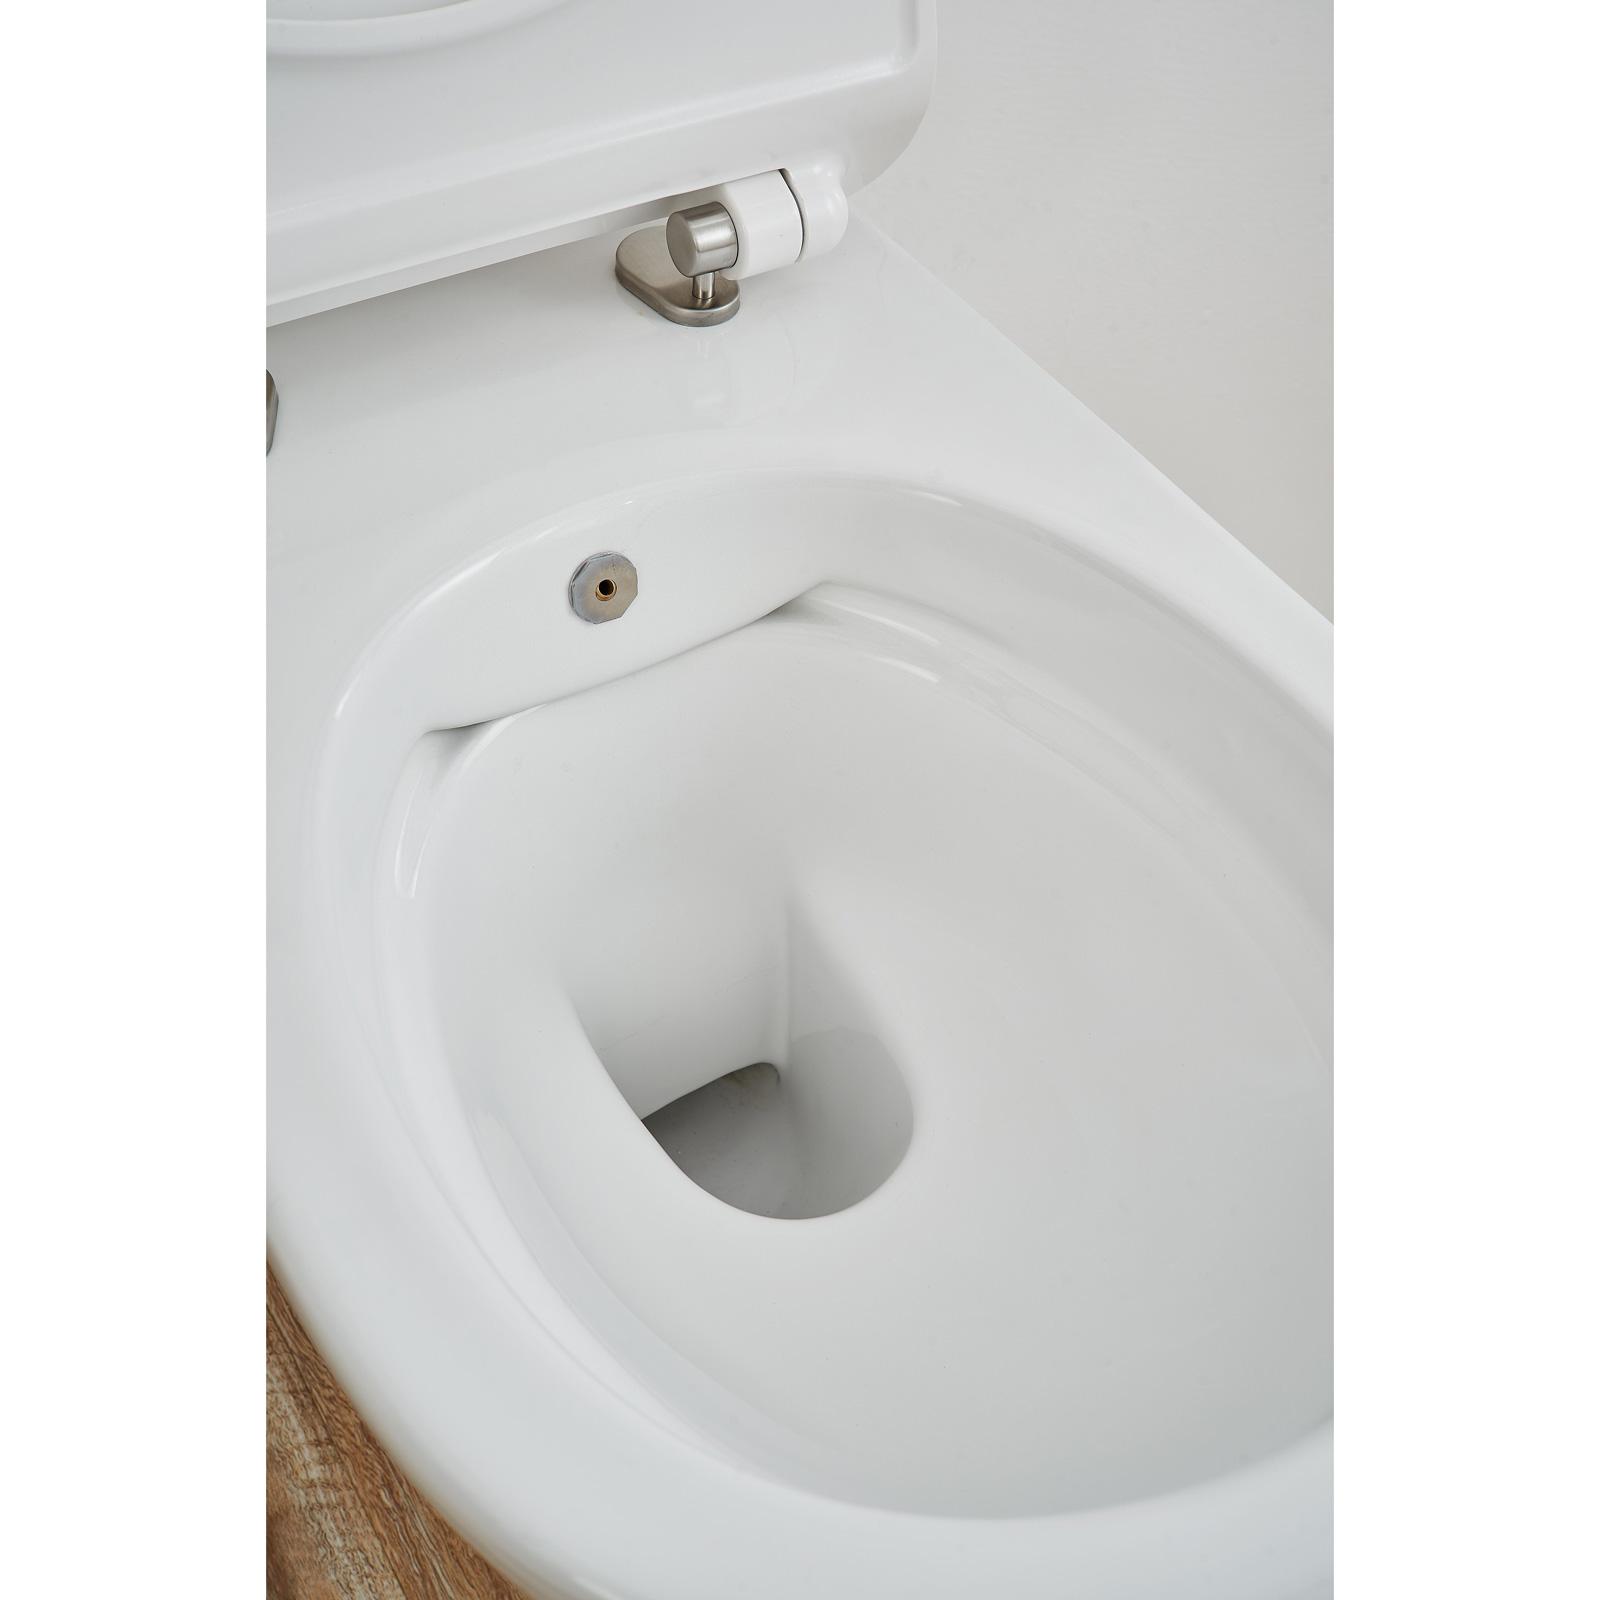 Spülrandloses Dusch-WC SOHO 2.0 mit abnehmbarem Softclose Sitz Taharet